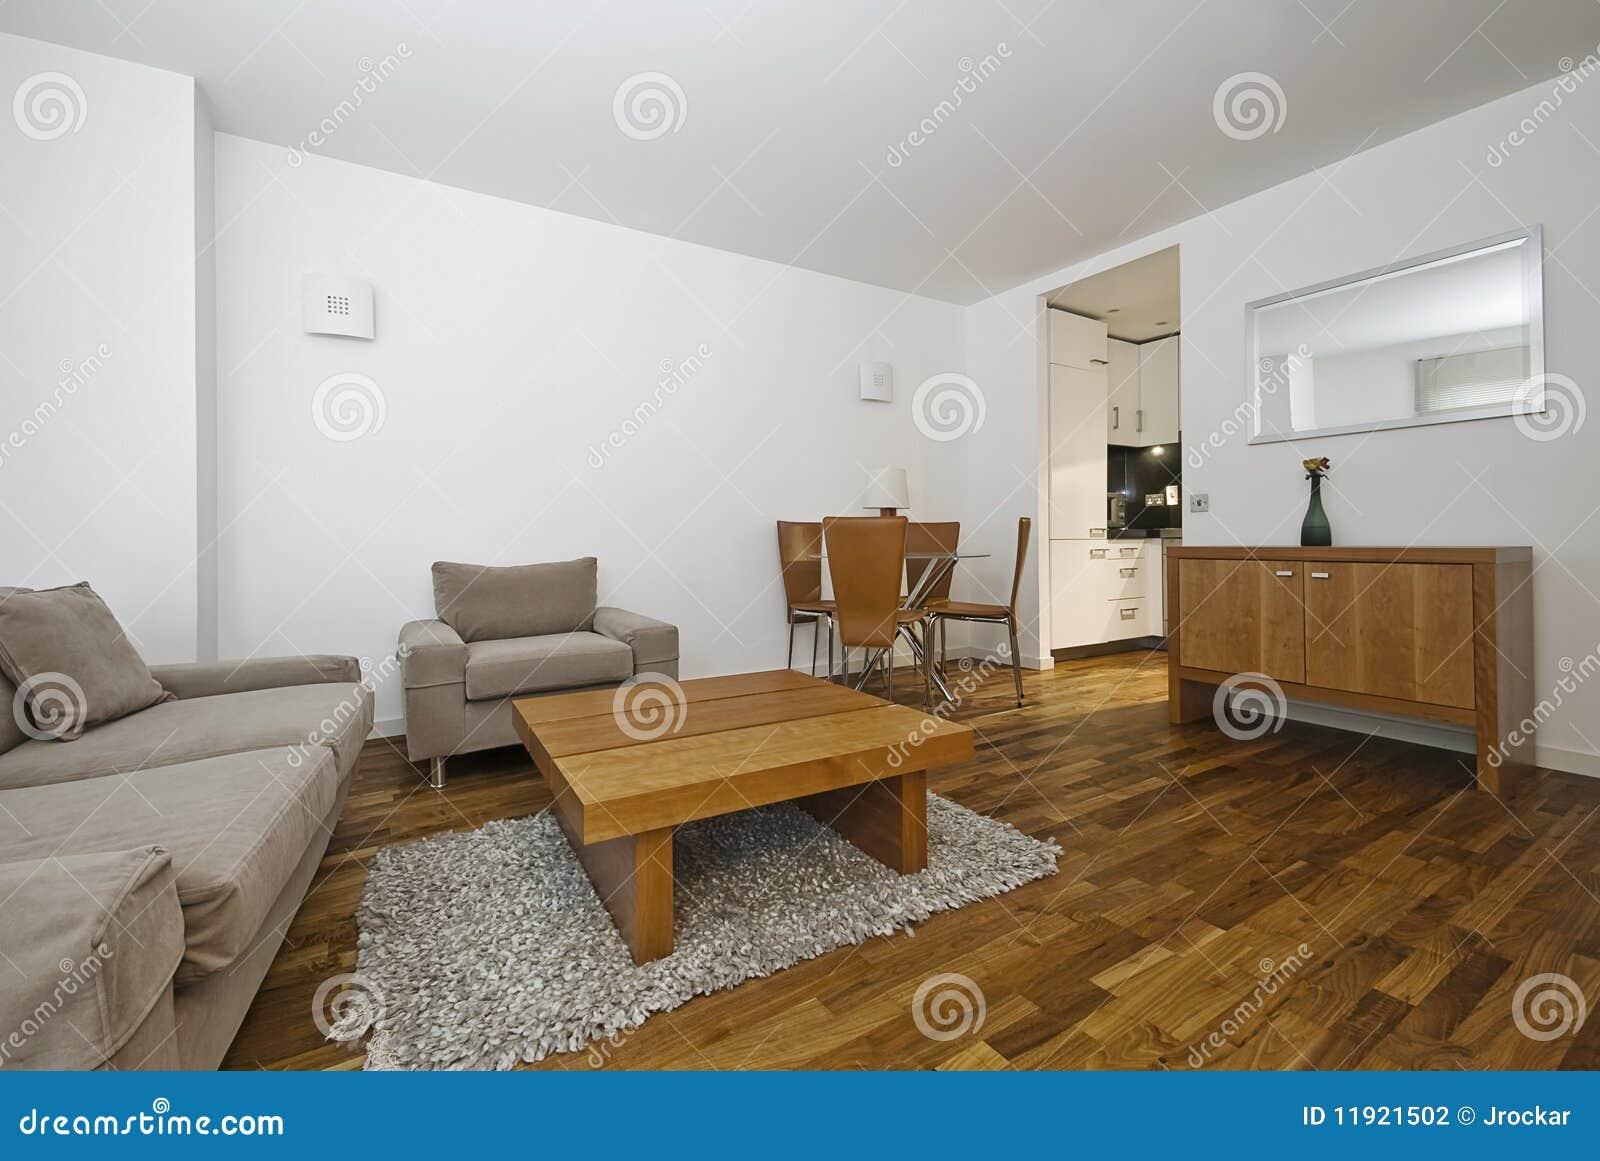 Salon ouvert moderne de plan photo stock image du appartement int rieur 11921502 - Salon ouvert ...